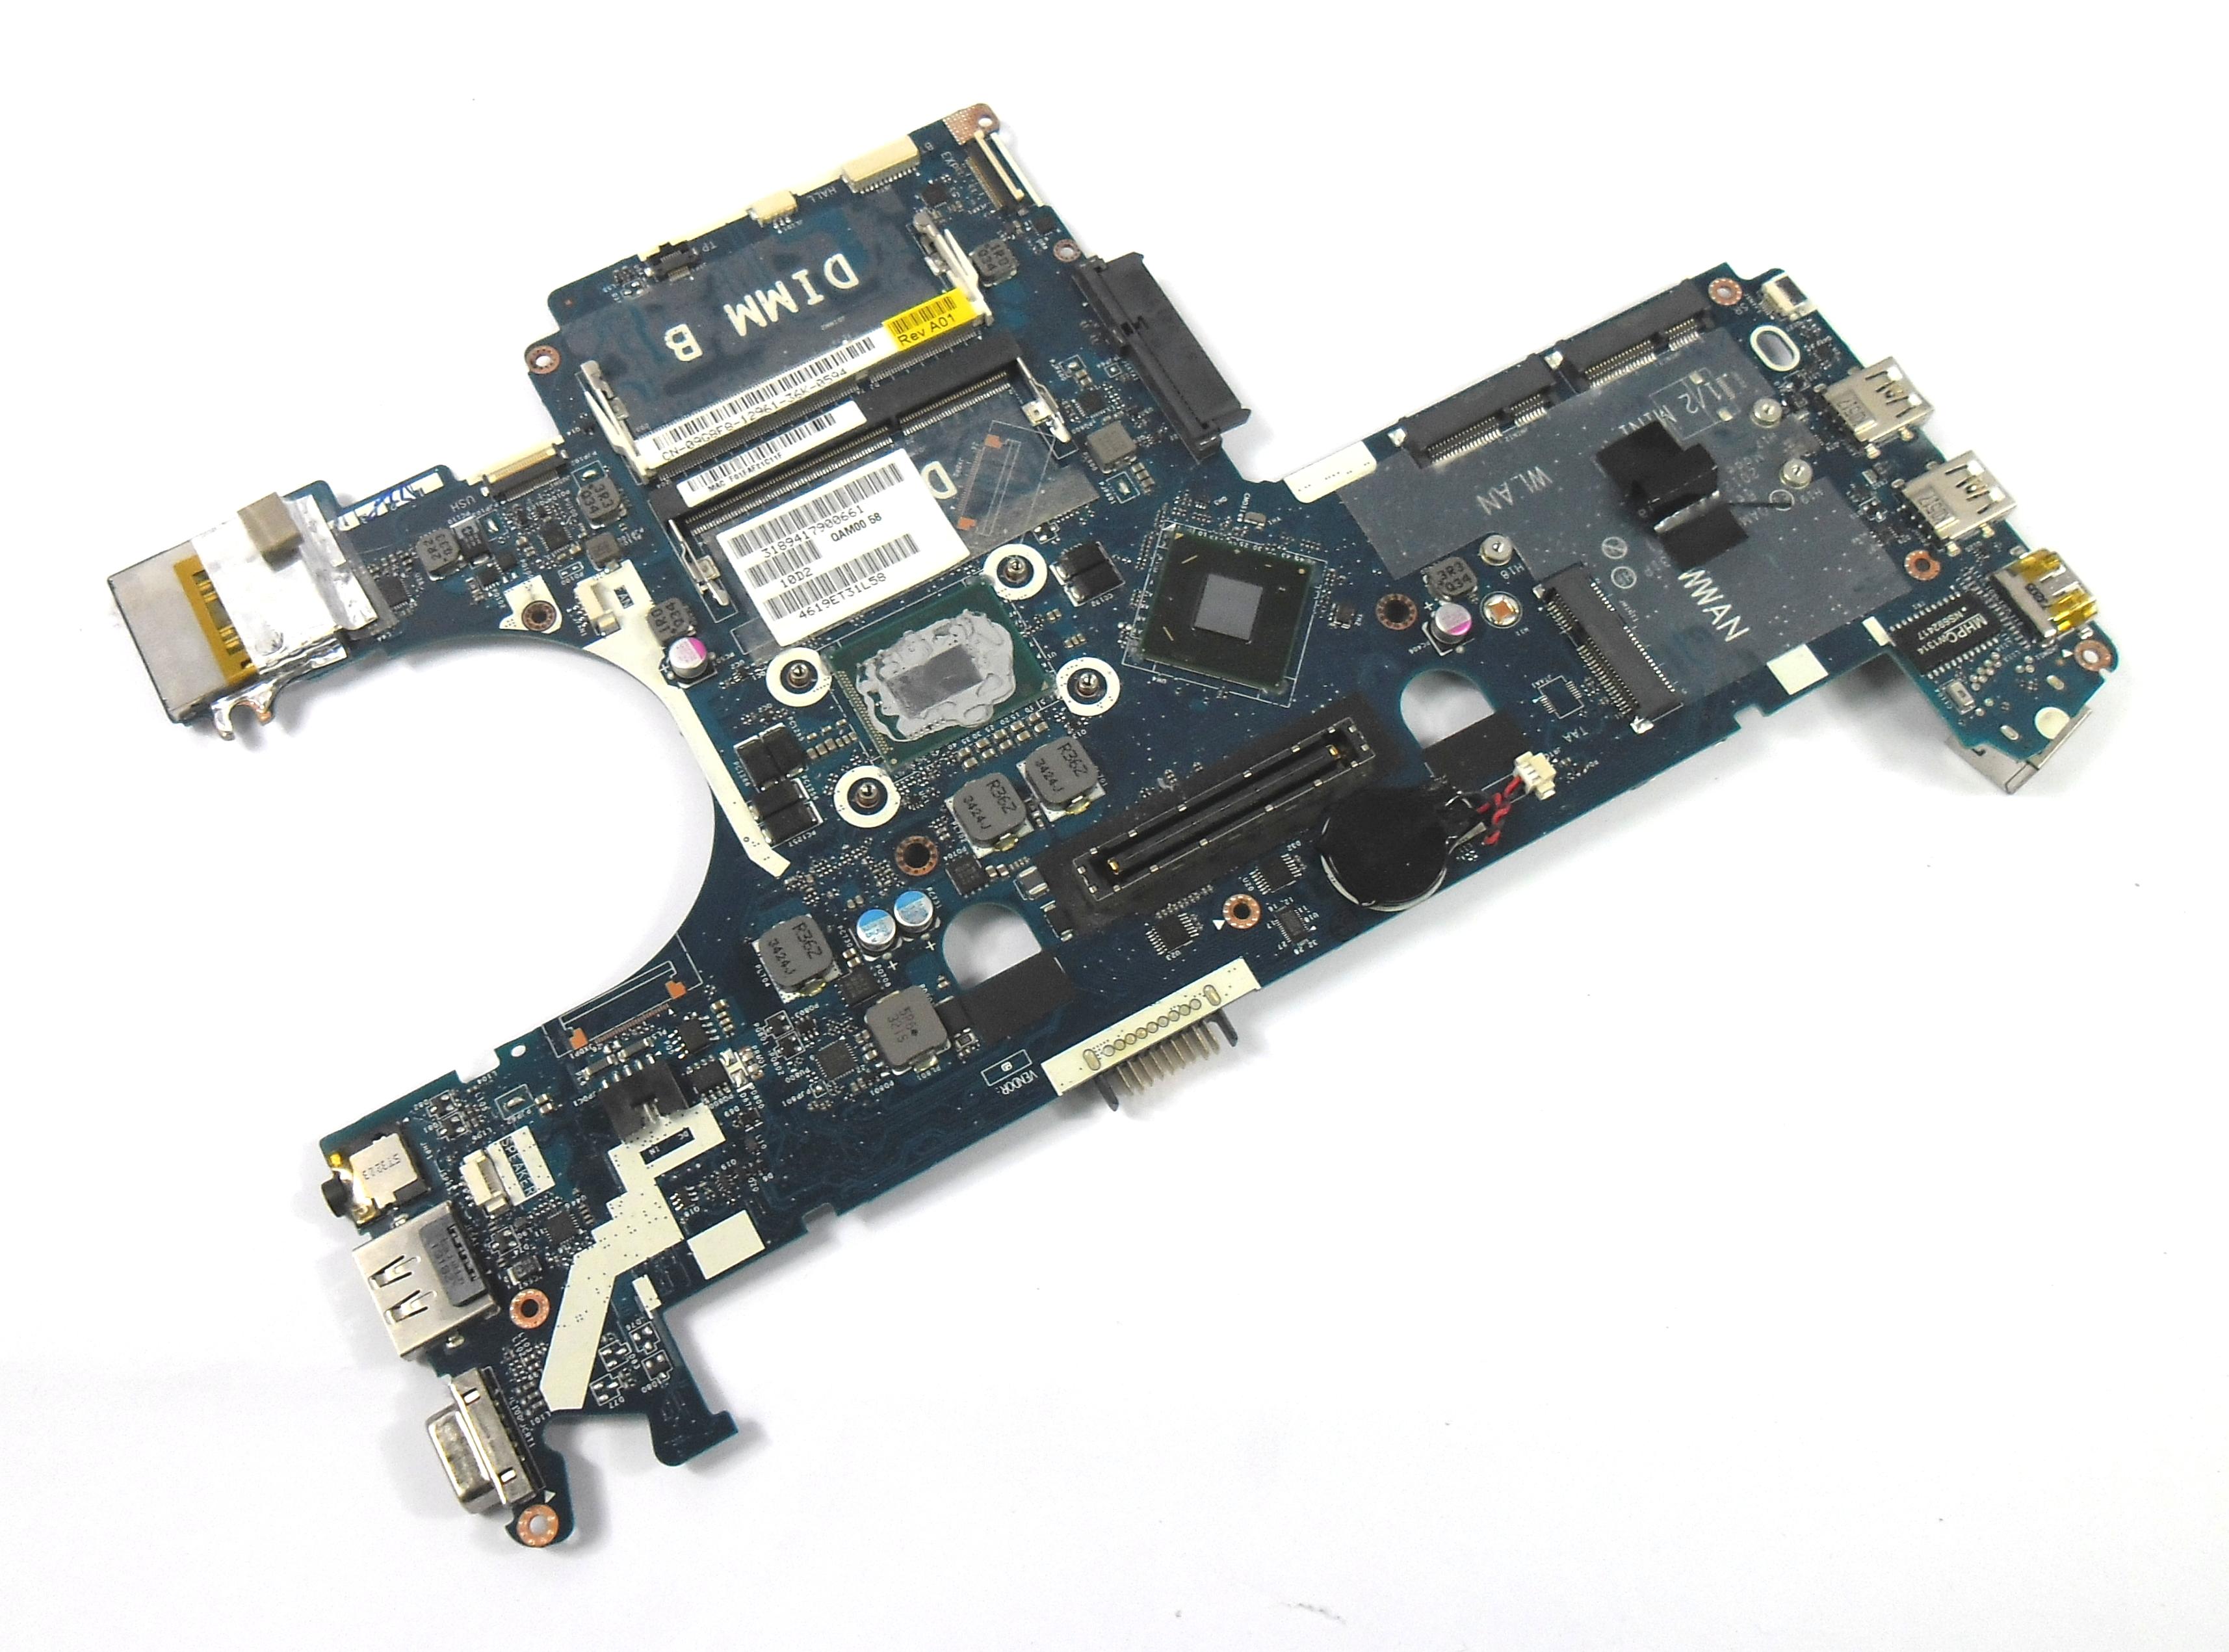 Dell 9G8F8 Latitude E6230 Laptop Motherboard with Intel i7-3540M Processor